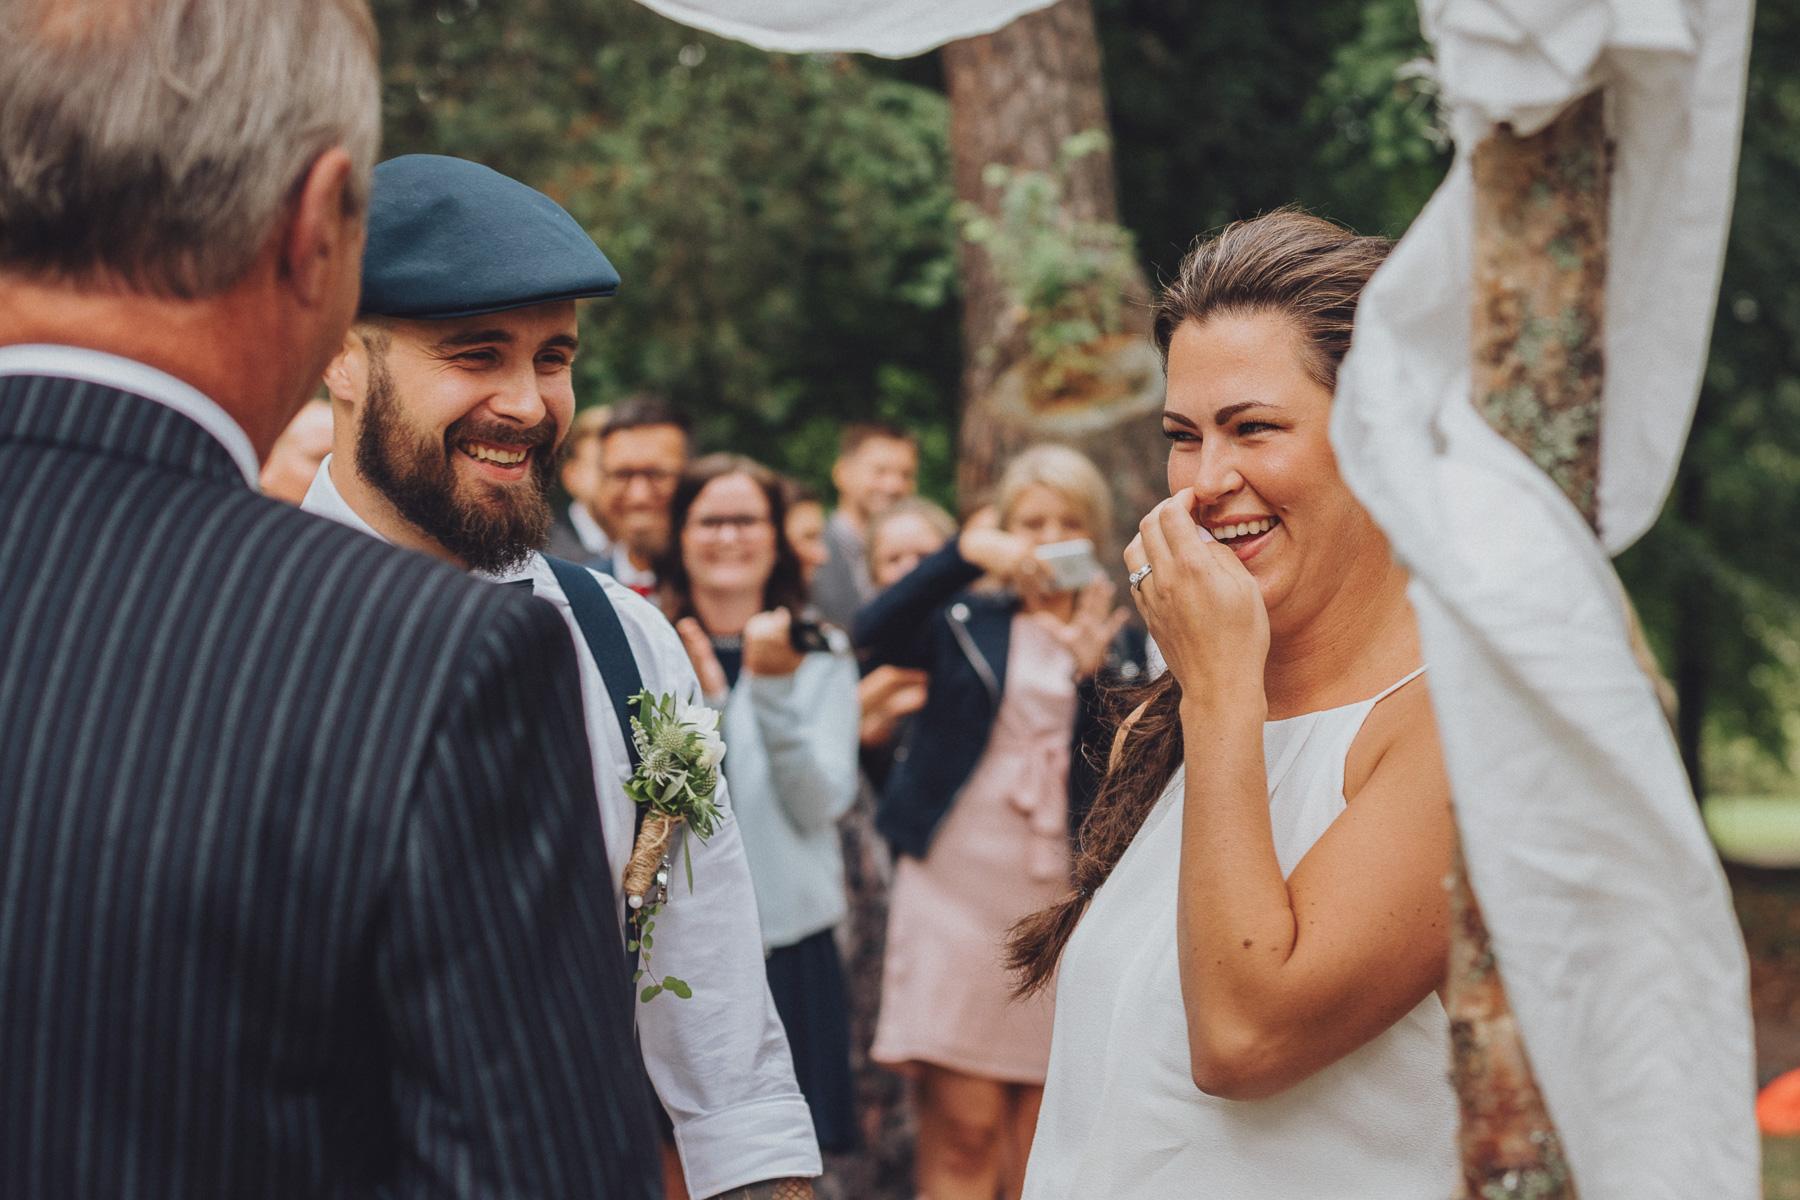 Lantligt Bröllop Stockholm ~ Bohemiskt bröllop i Stockholm Bröllopsfotograf NORRKÖPING LINKÖPING Fotograf bröllop